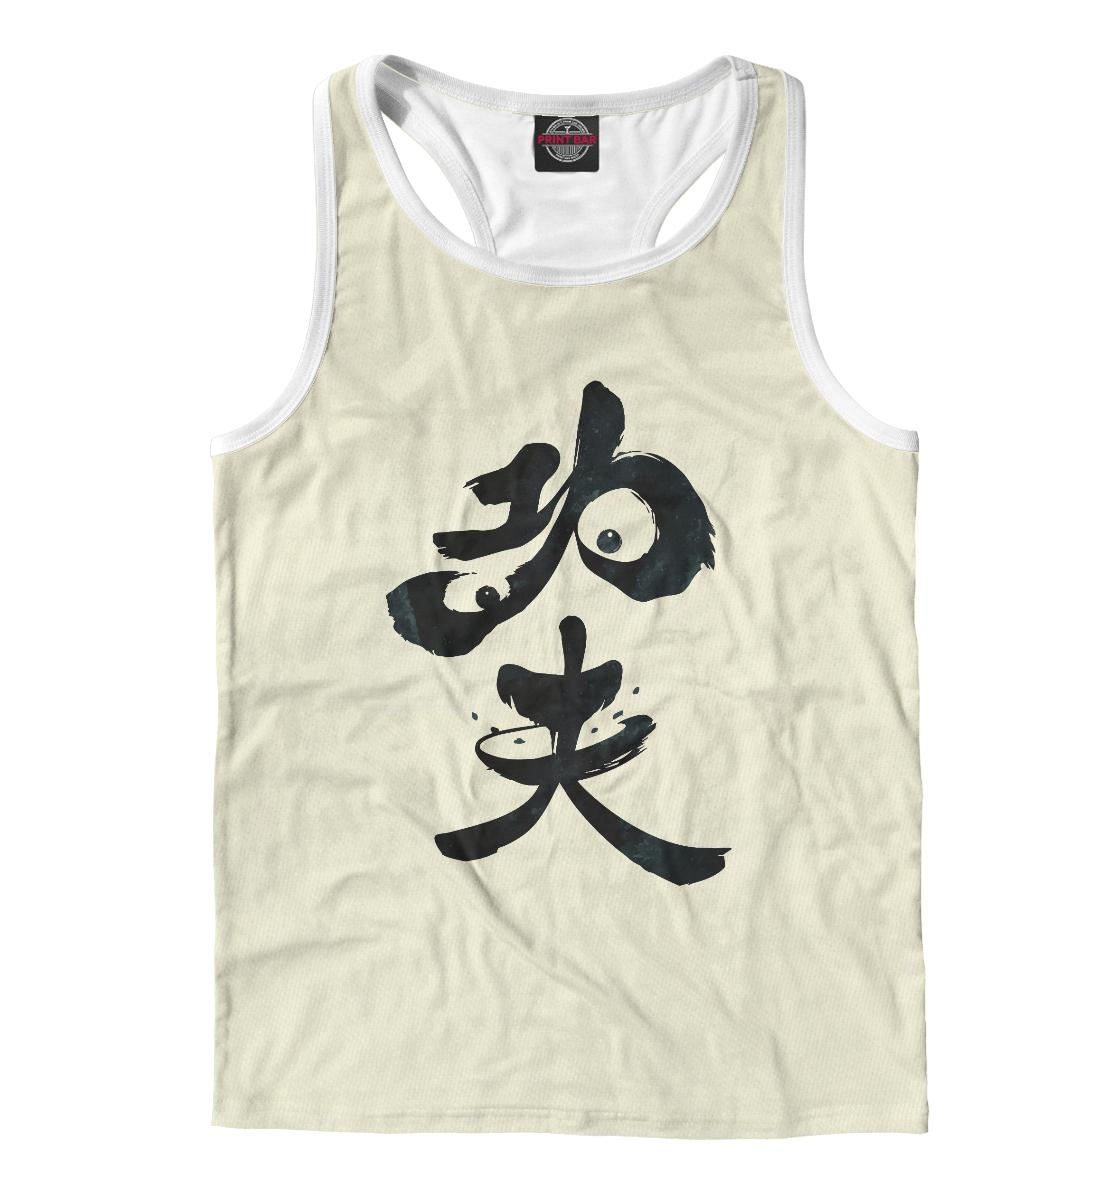 Купить Panda Hieroglyph, Printbar, Майки борцовки, PAN-890082-mayb-2